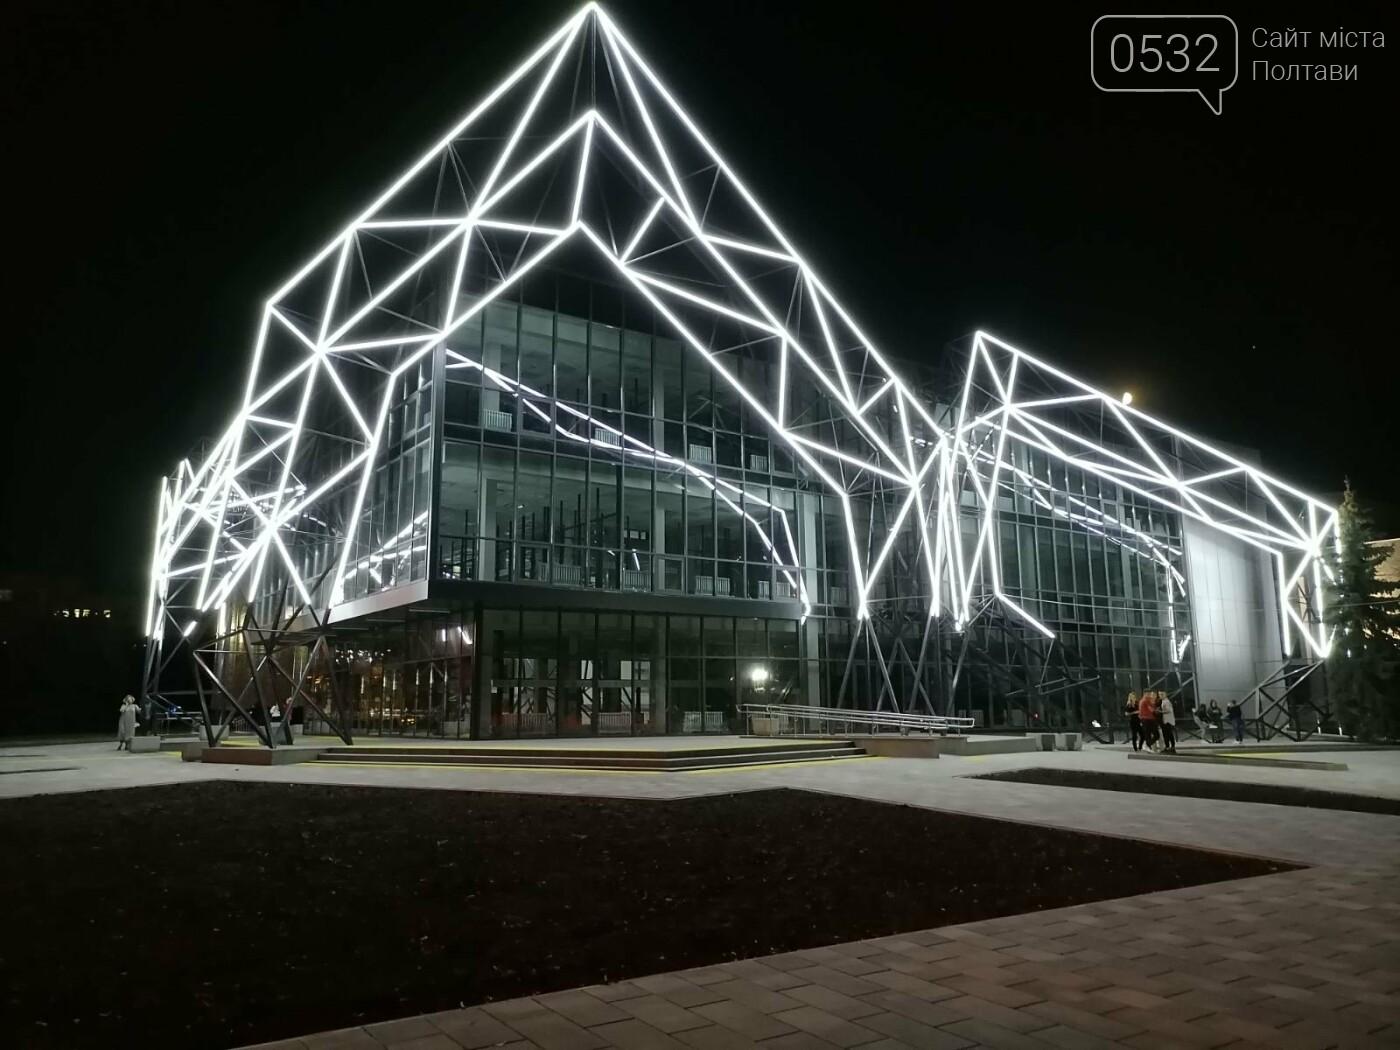 У Полтаві новий ЦНАП на площі біля ОДА став місцем вечірнього «паломництва» (ФОТО), фото-15